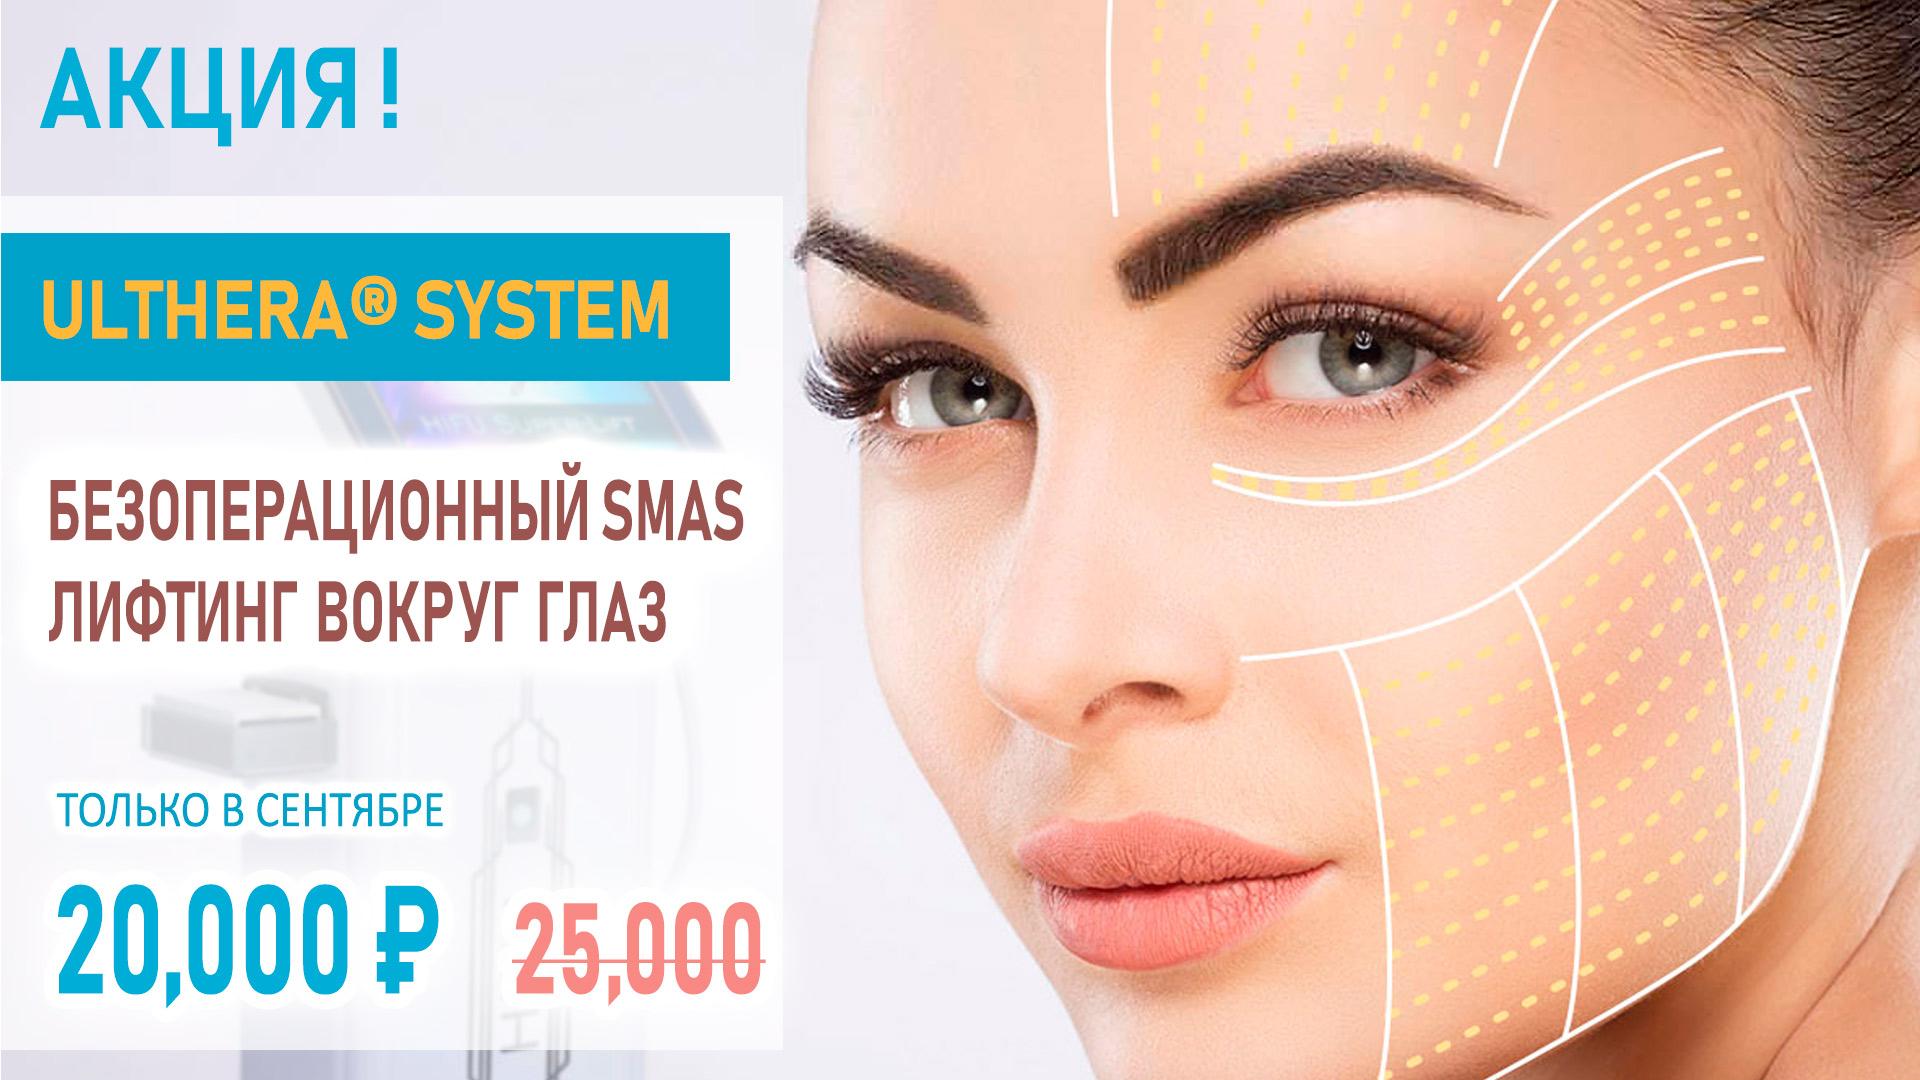 """Акция """"Безоперационный Ulthera SMAS лифтинг вокруг глаз""""  - 20,000 р (25,000) до конца сентября"""